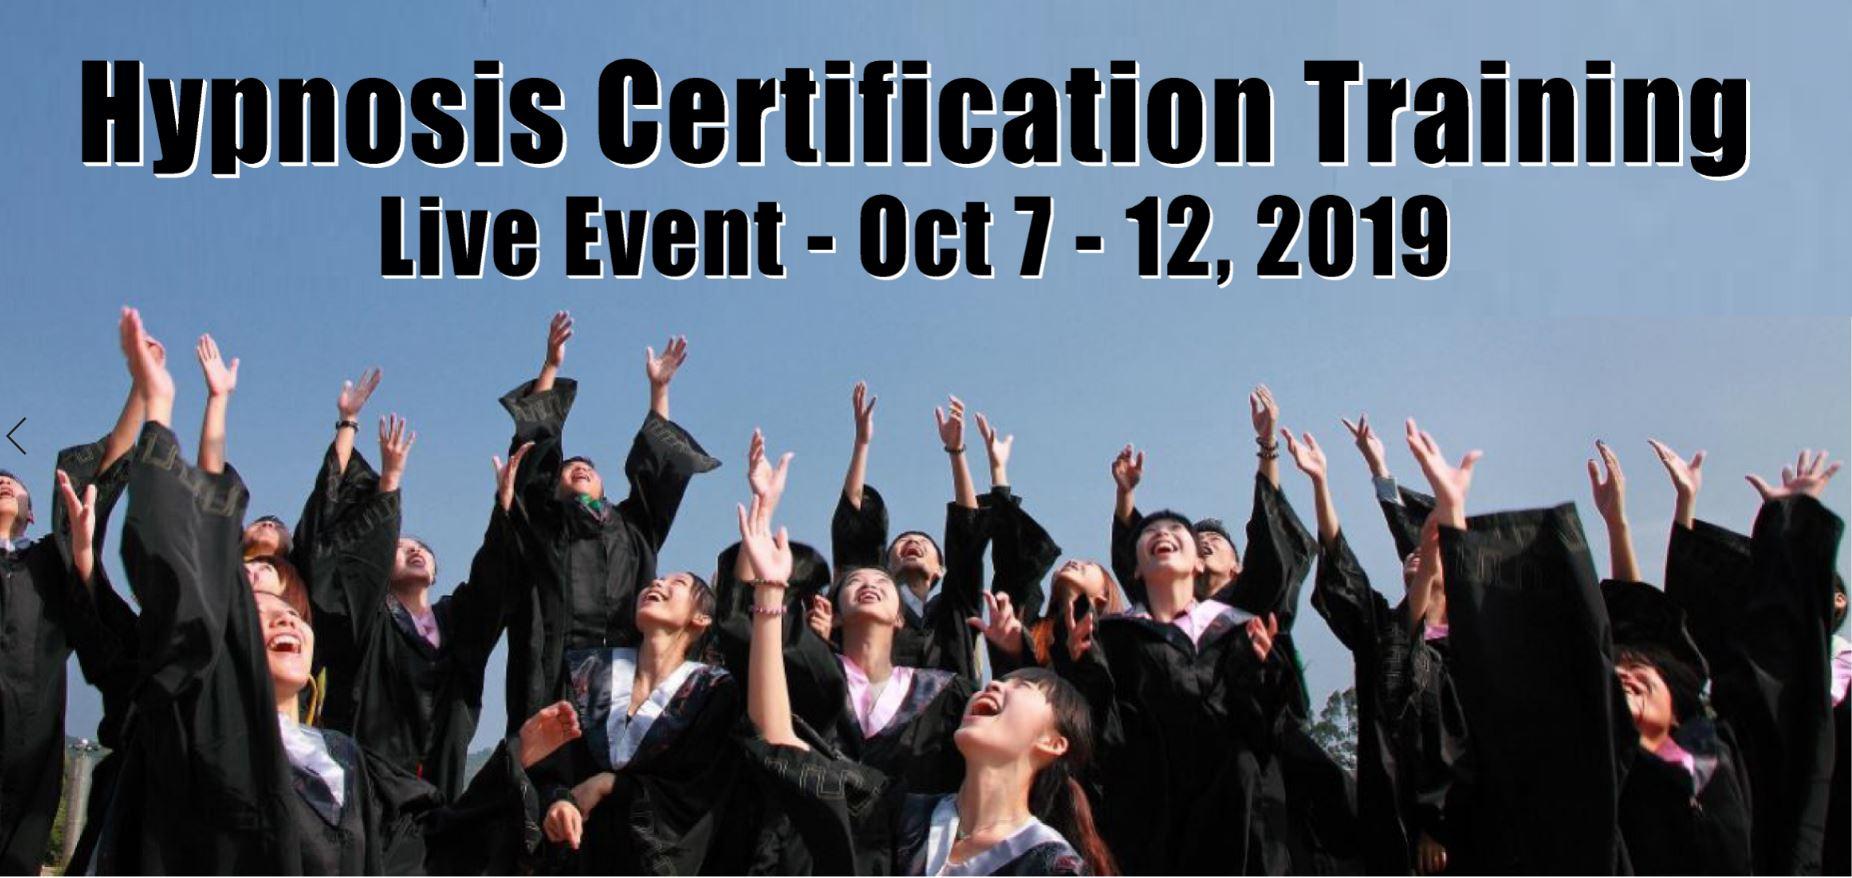 Hypnosis Training Schools - LEARN HYPNOSIS FREE